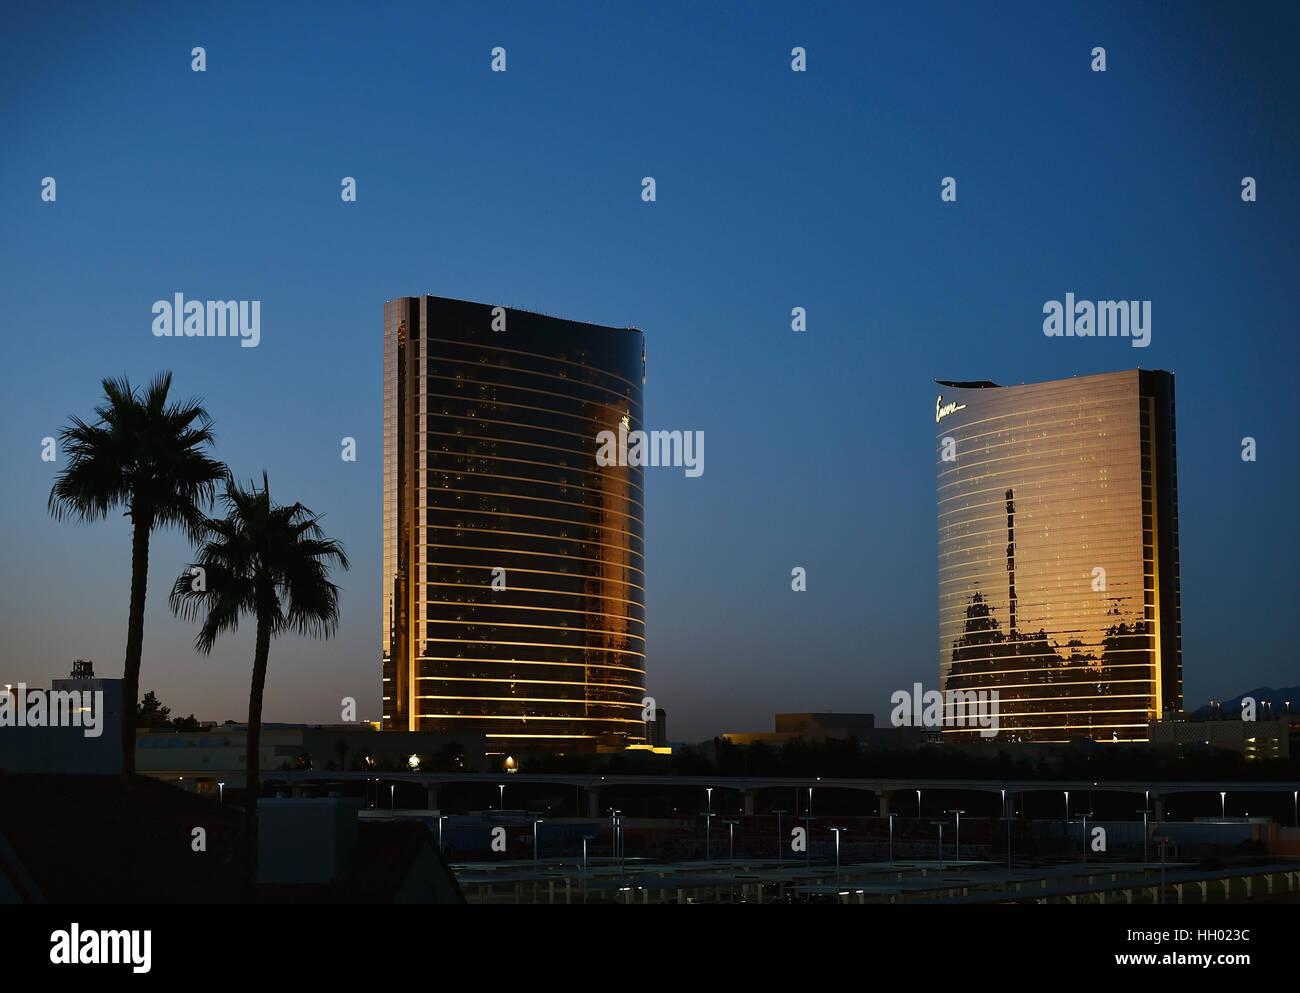 David Wynn Stock Photos & David Wynn Stock Images - Alamy